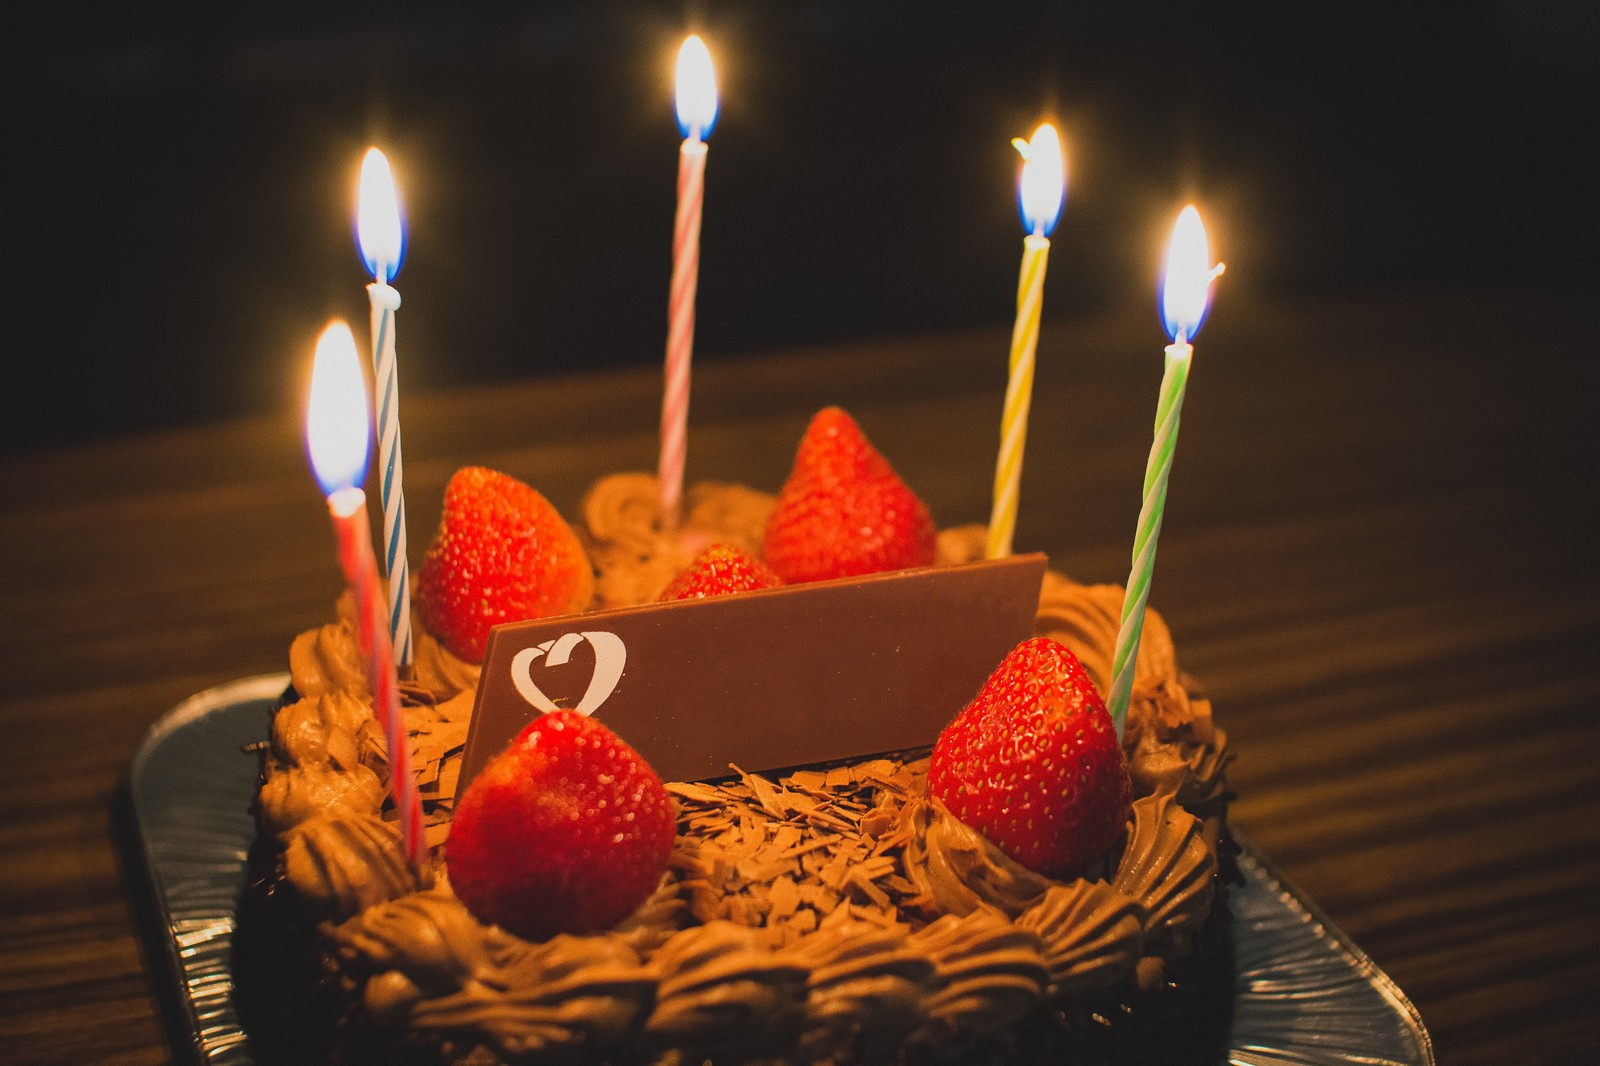 慶祝你日本友人、阿娜答生日的方式/日本人の友達・恋人の誕生日のお祝いの仕方